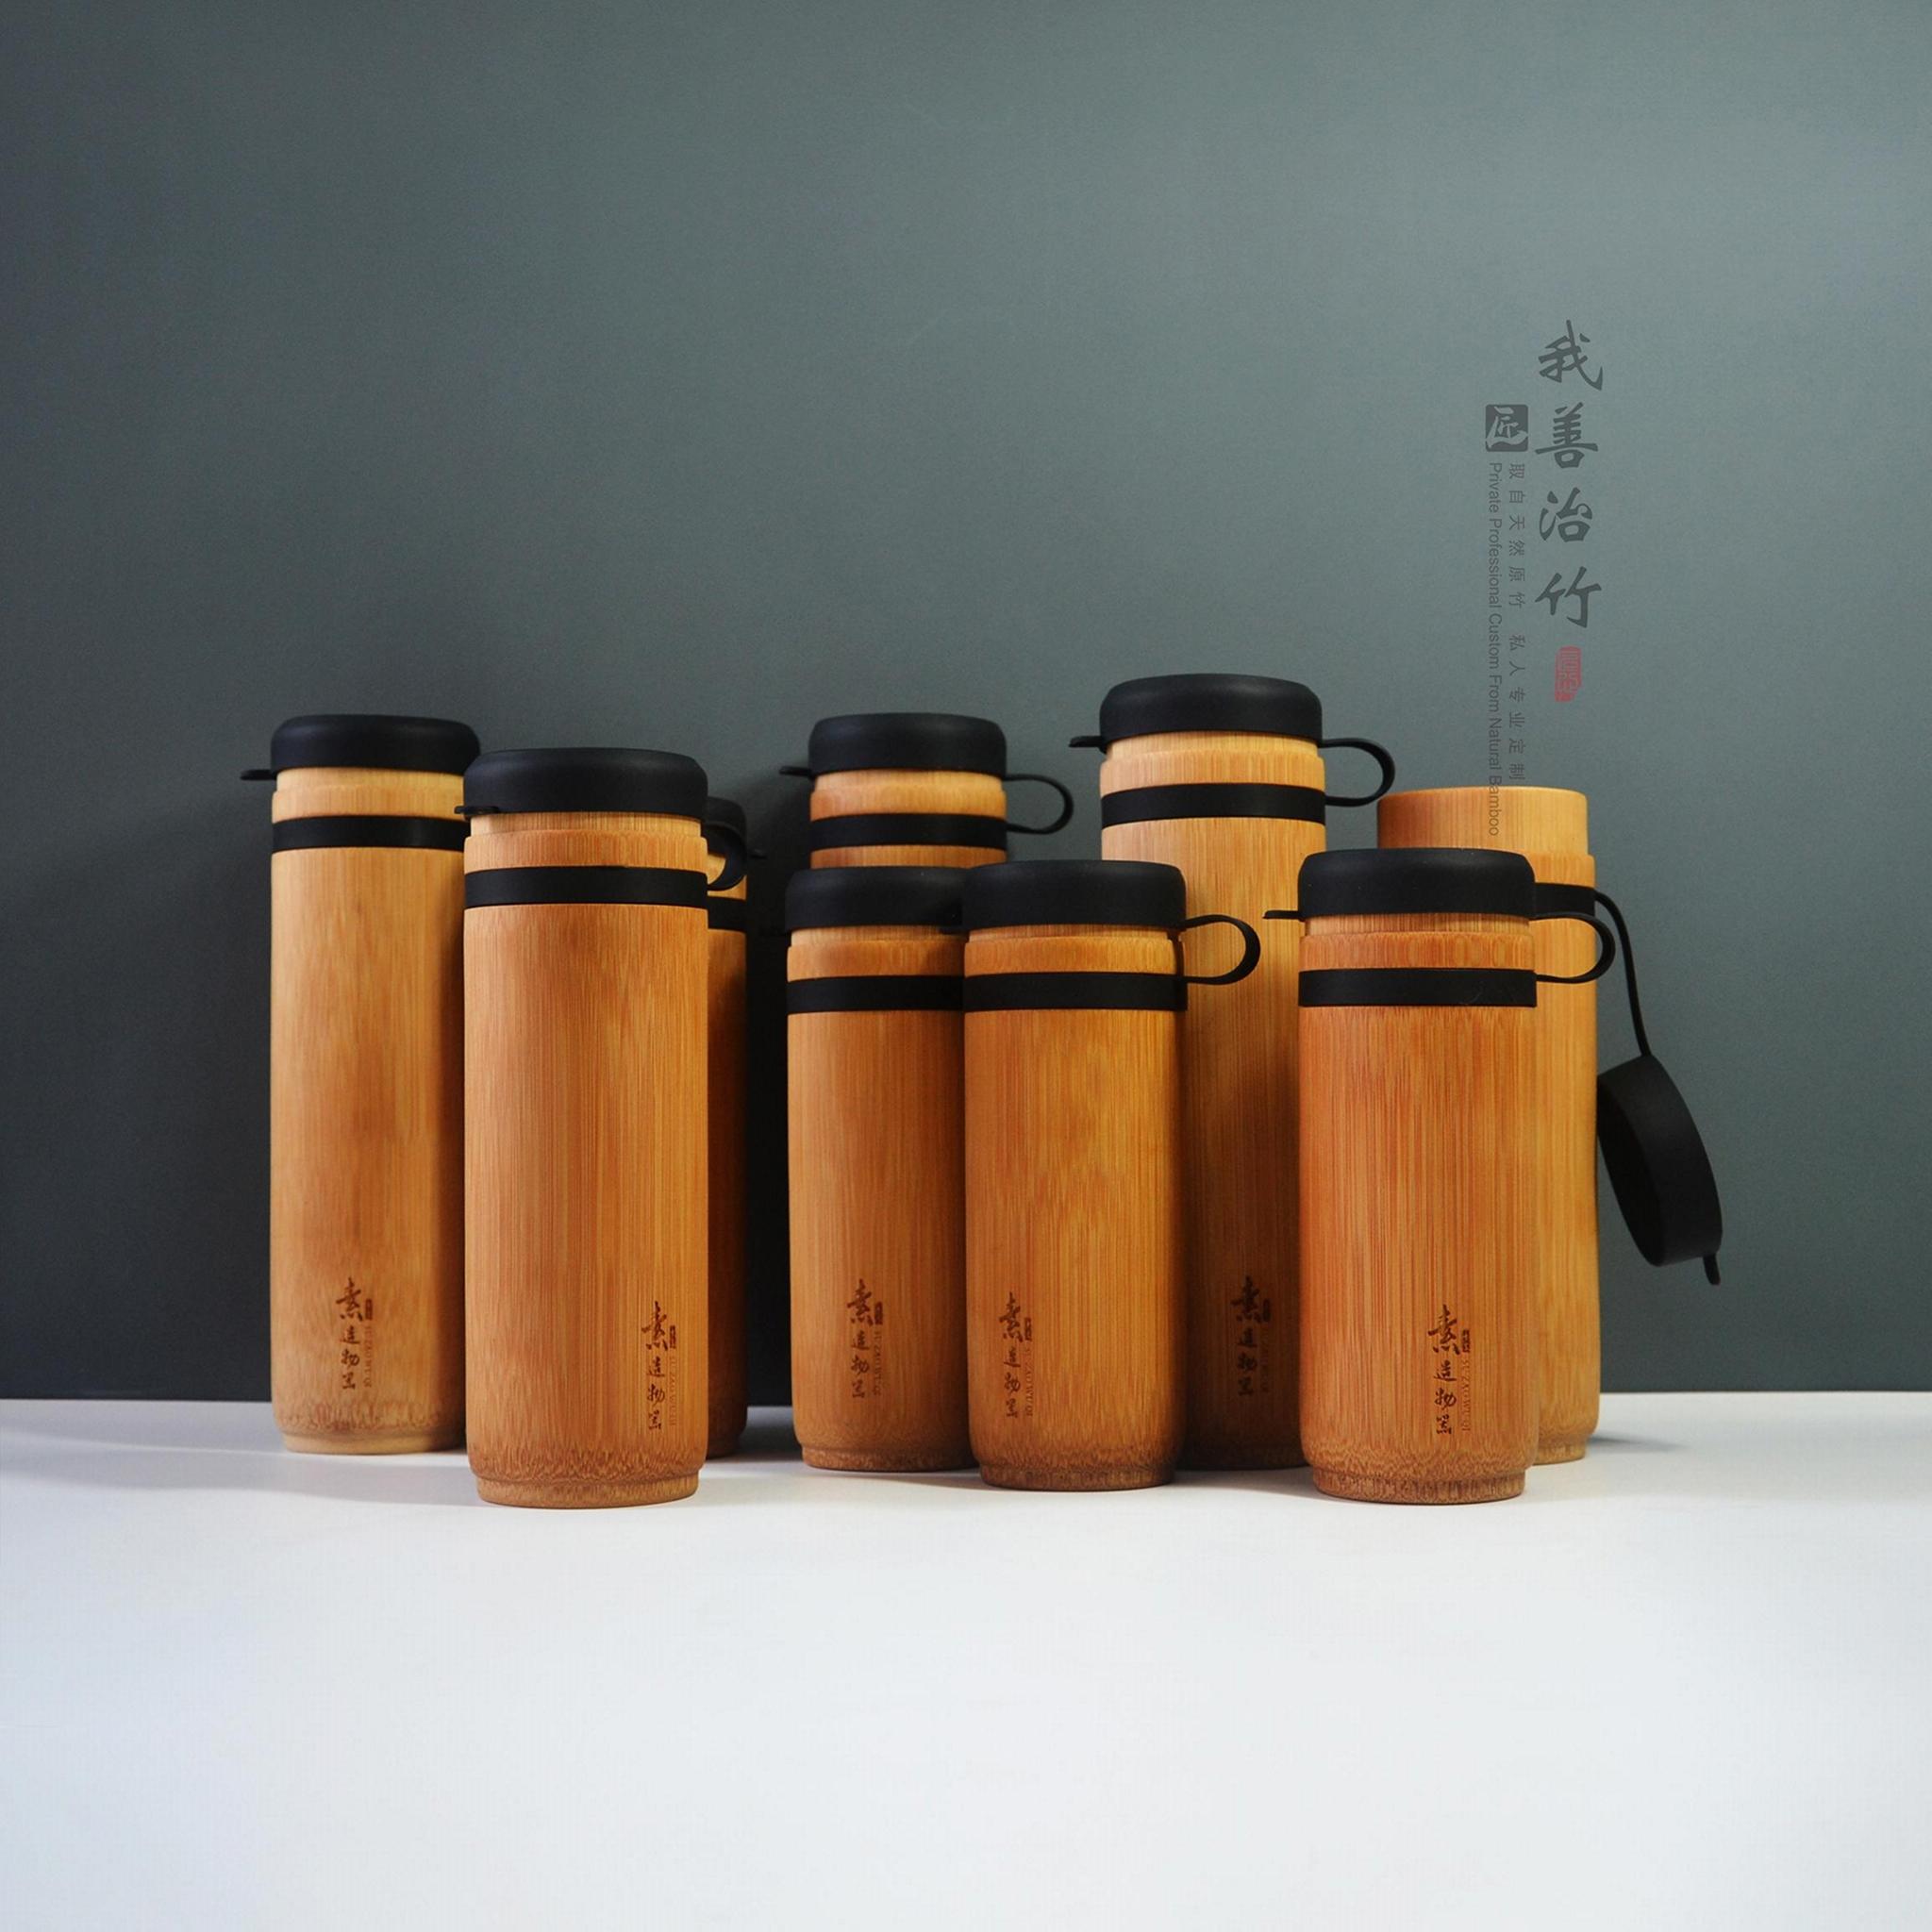 运动竹水杯竹水壶竹水瓶 4